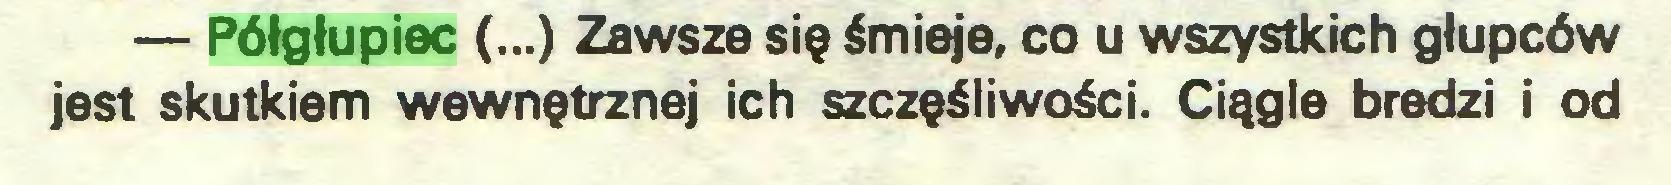 (...) — Półgłupiec (...) Zawsze się śmieje, co u wszystkich głupców jest skutkiem wewnętrznej ich szczęśliwości. Ciągle bredzi i od...